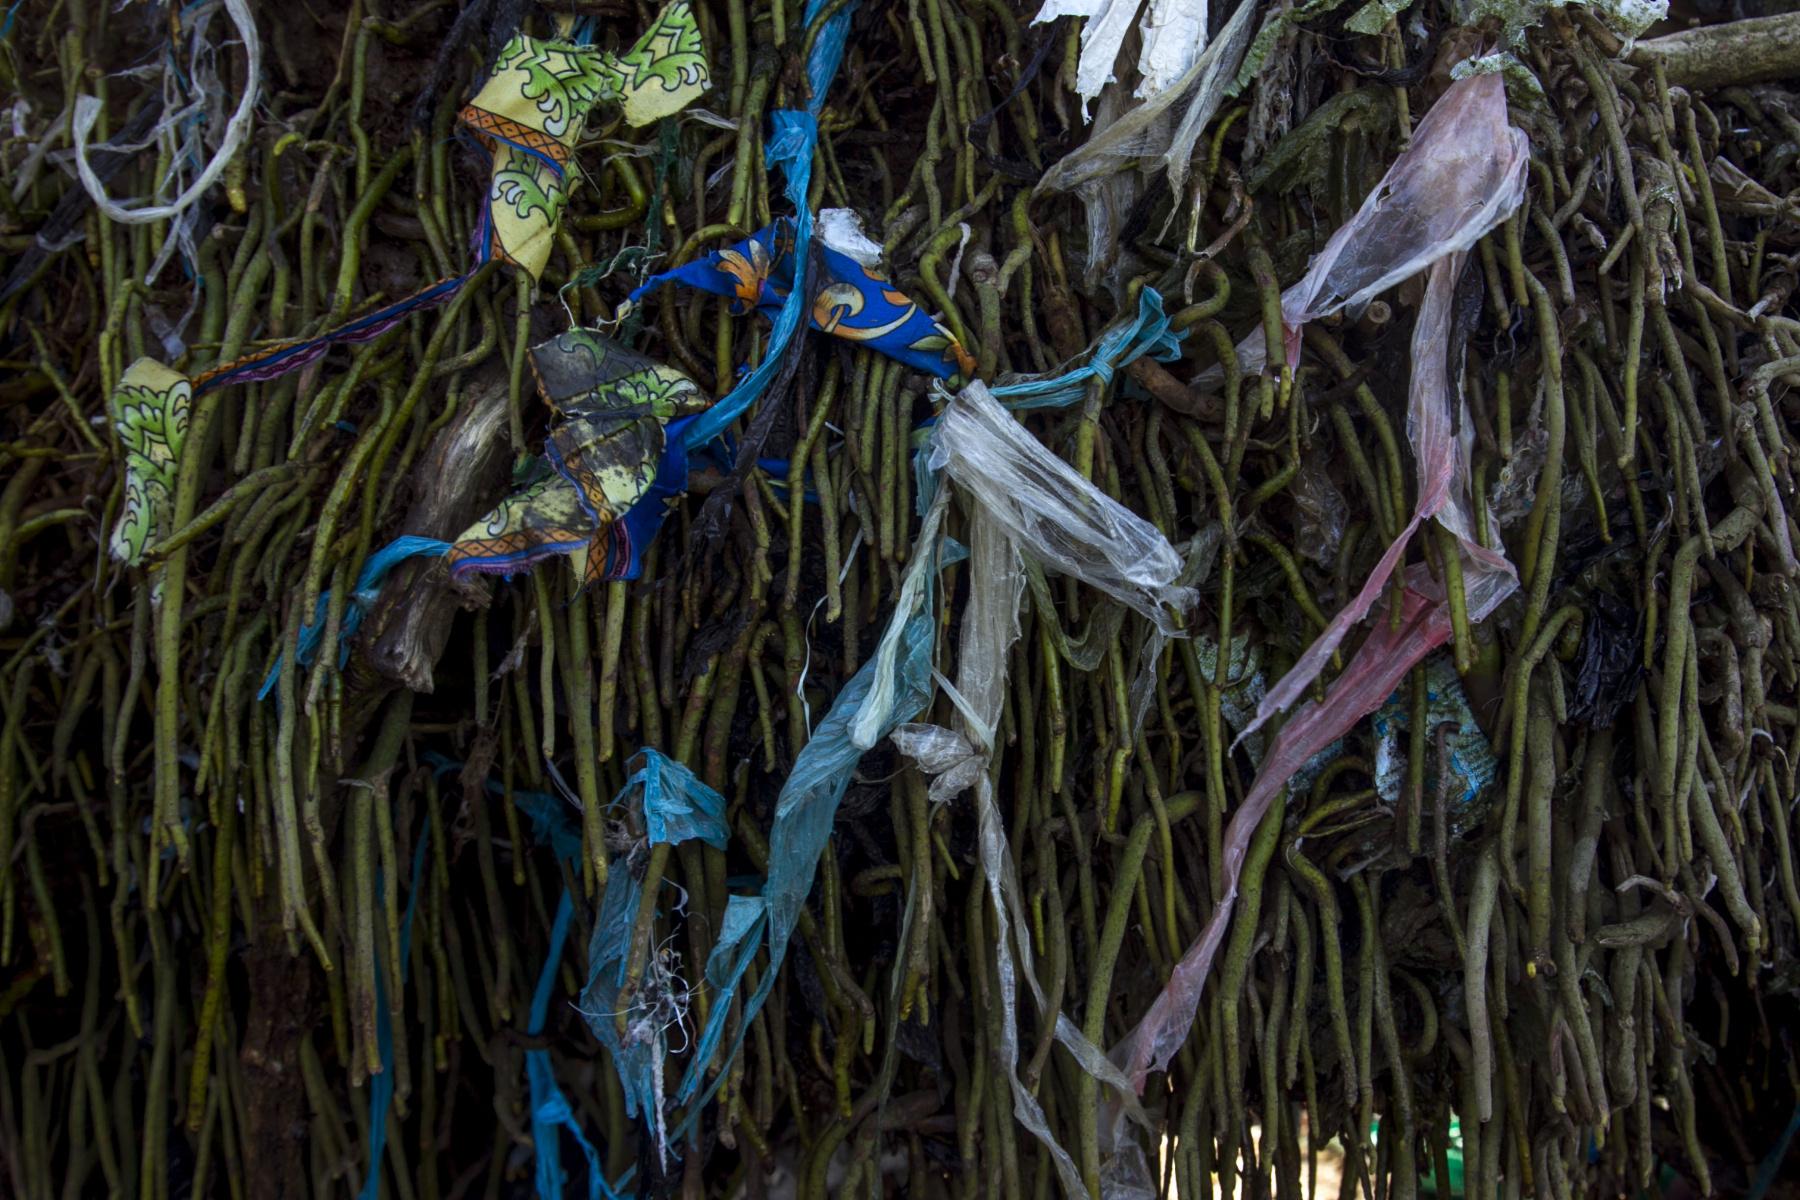 Sampah plastik yang tersangkut diakar akar mangrove akan mengganggu proses respirasi atau pernafasan akar untuk mendapatkan oksigen. Gangguan ini akan menyebabkan pohon akan mati secara perlahan.